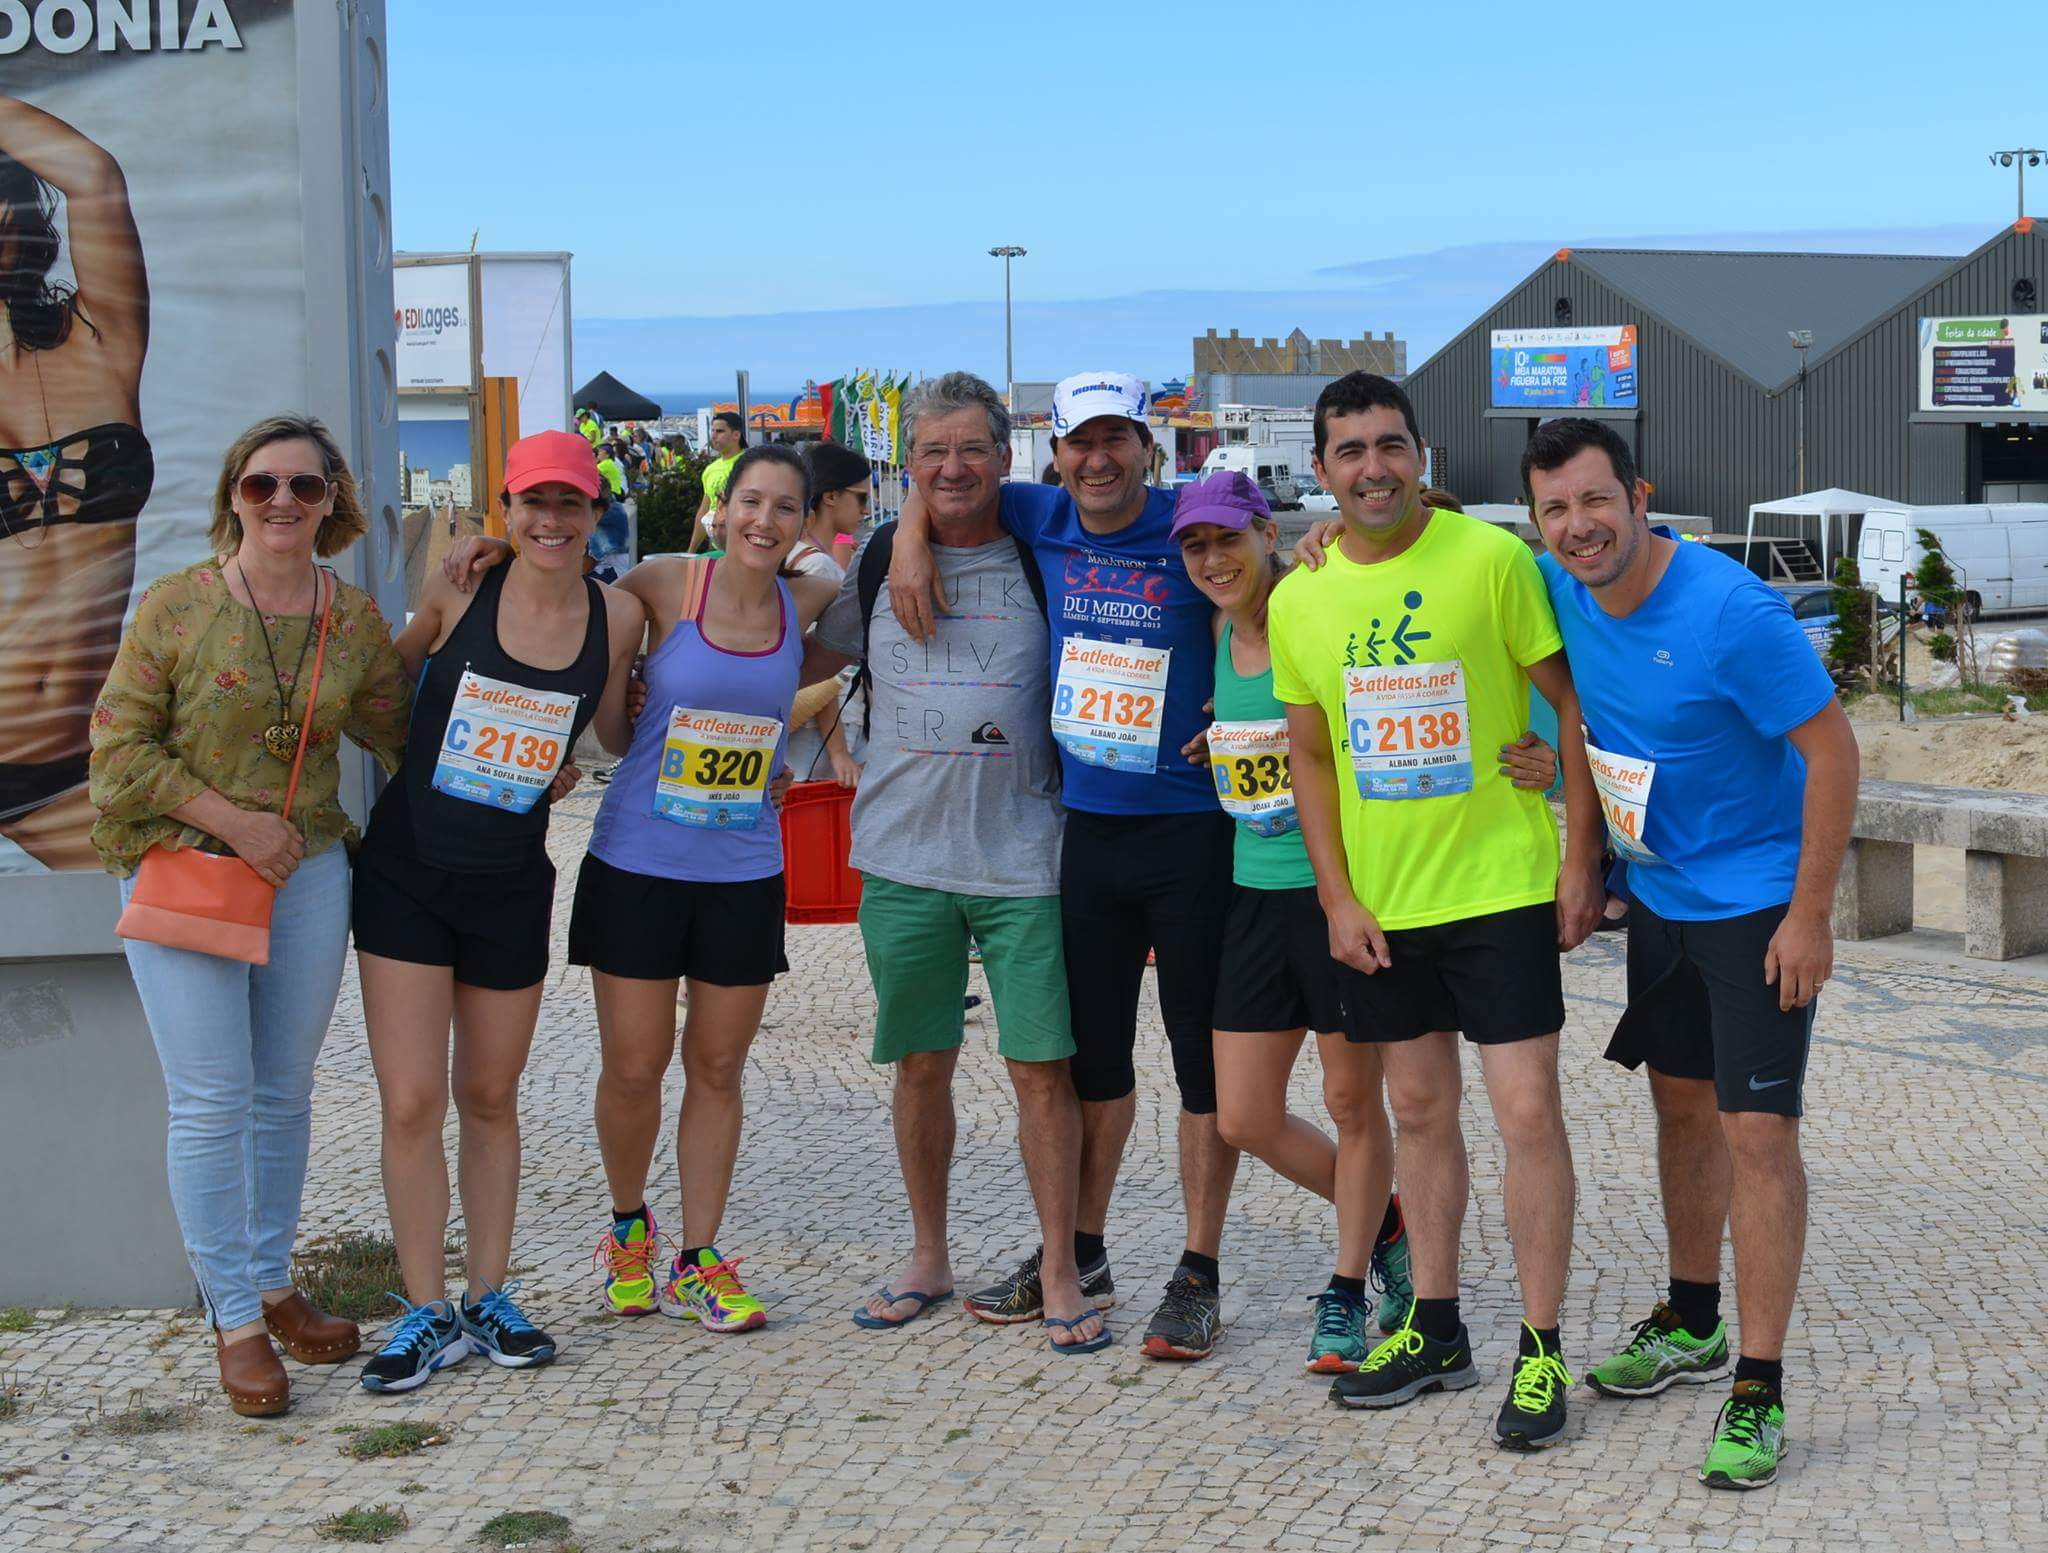 Inês João-1ª meia maratona